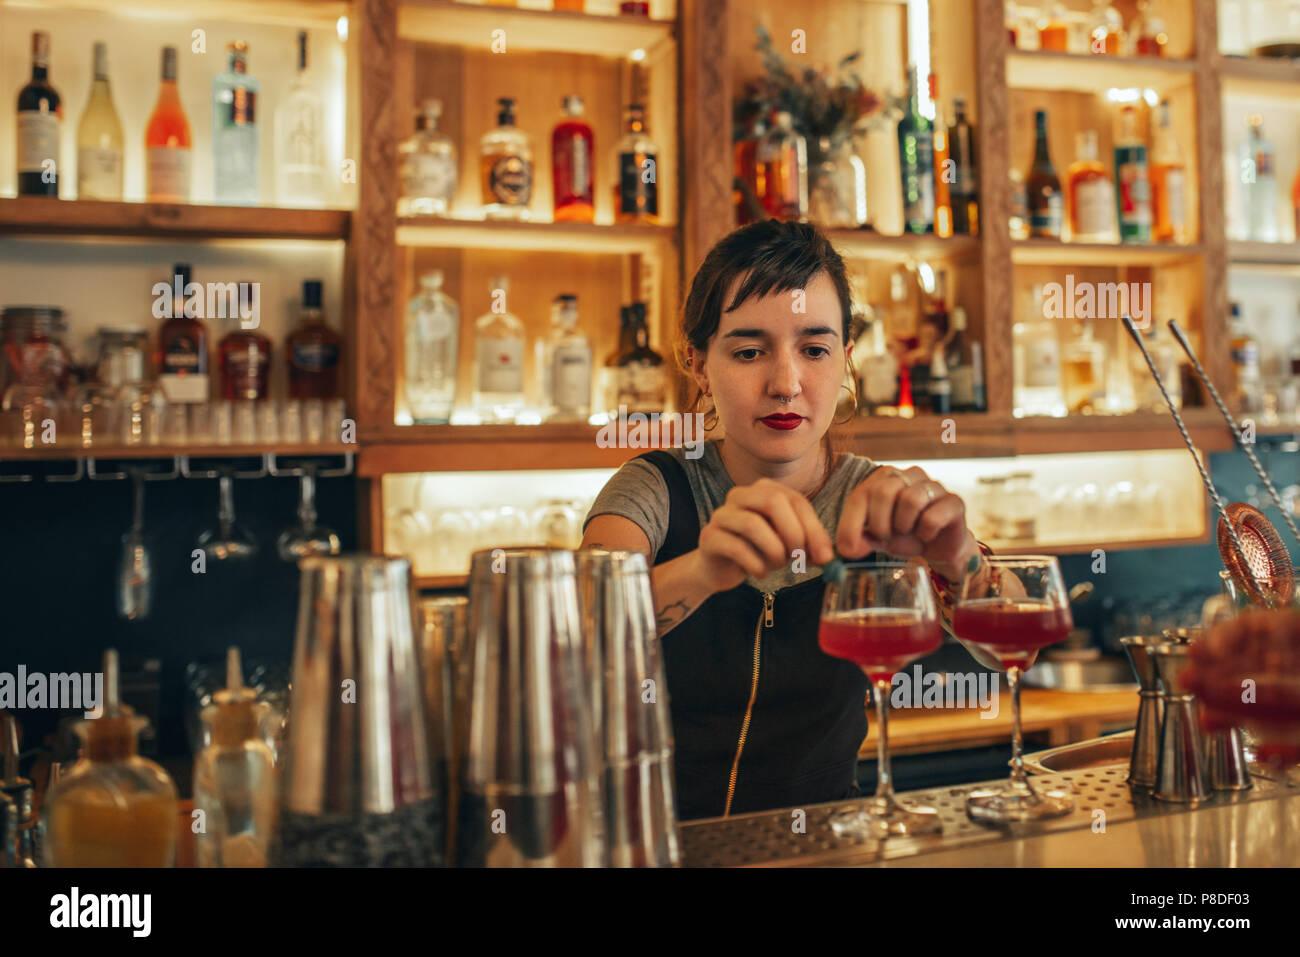 Junge weibliche Barkeeper hinter einem Tresen Cocktails machen Stockbild